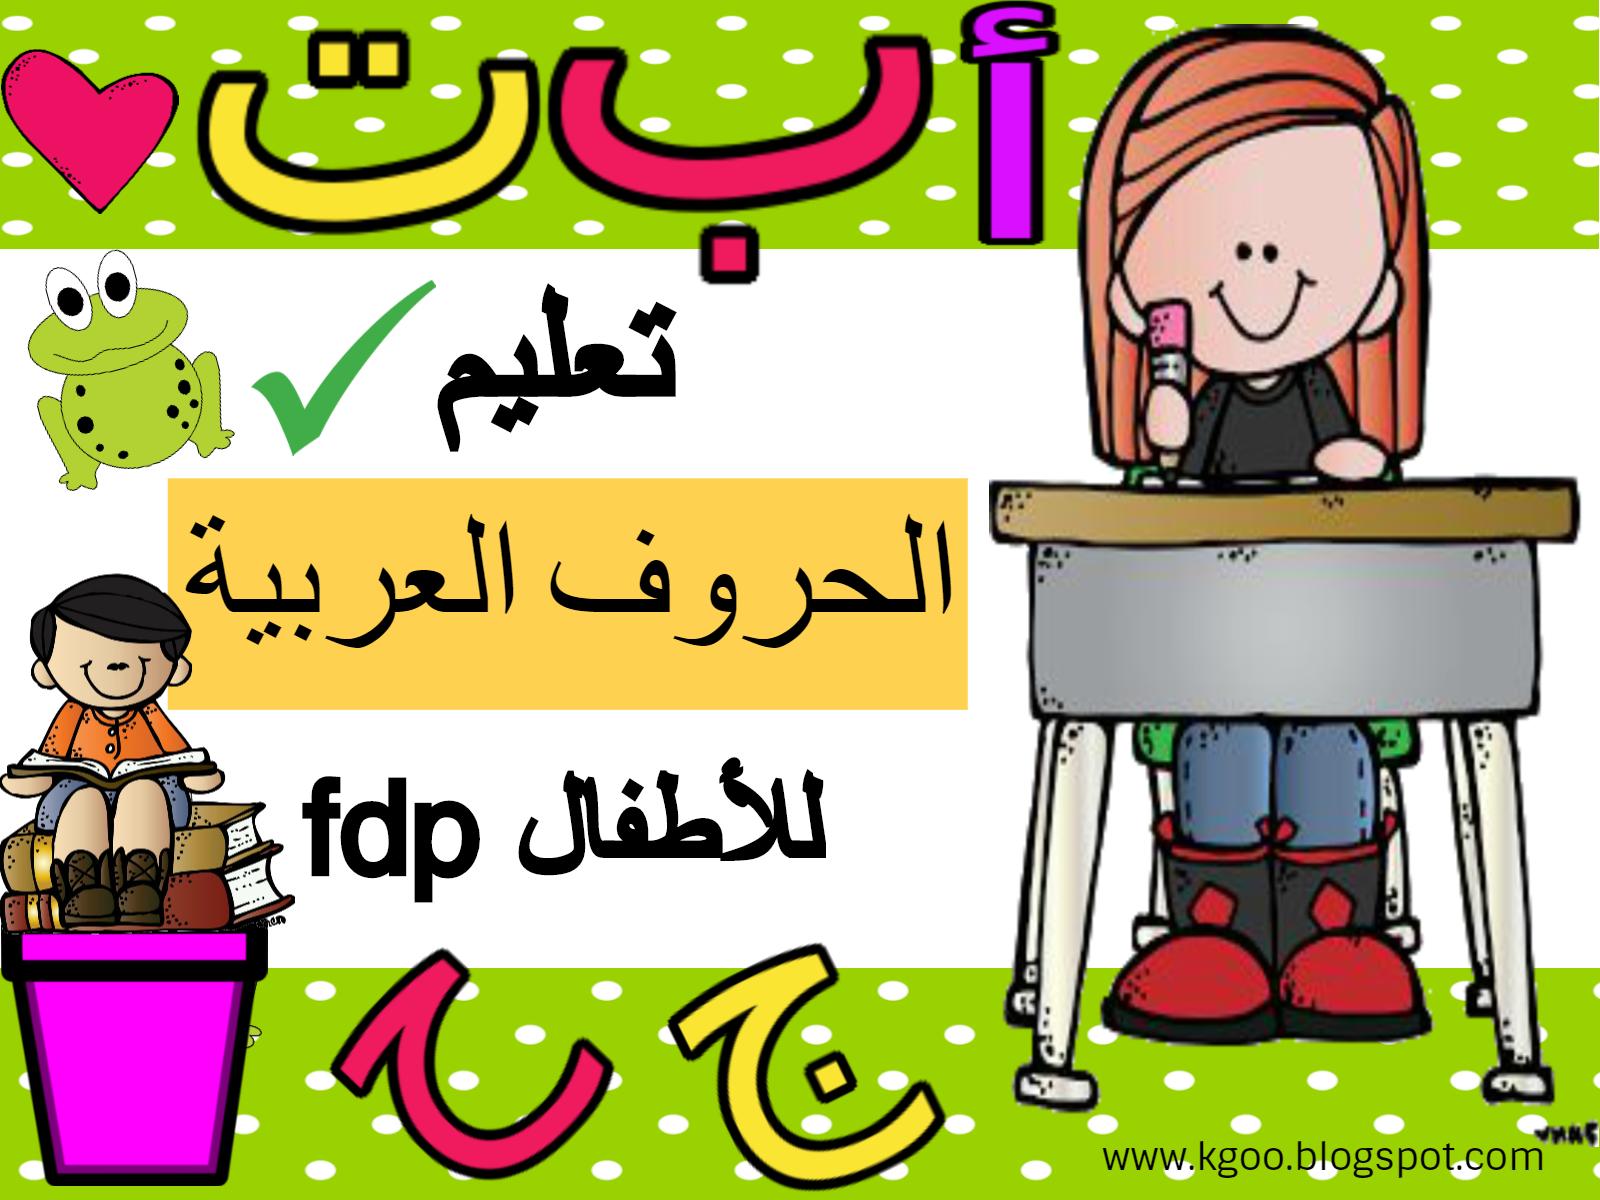 تعليم الحروف العربية للاطفال Pdf والقراءة والكتابة من البداية